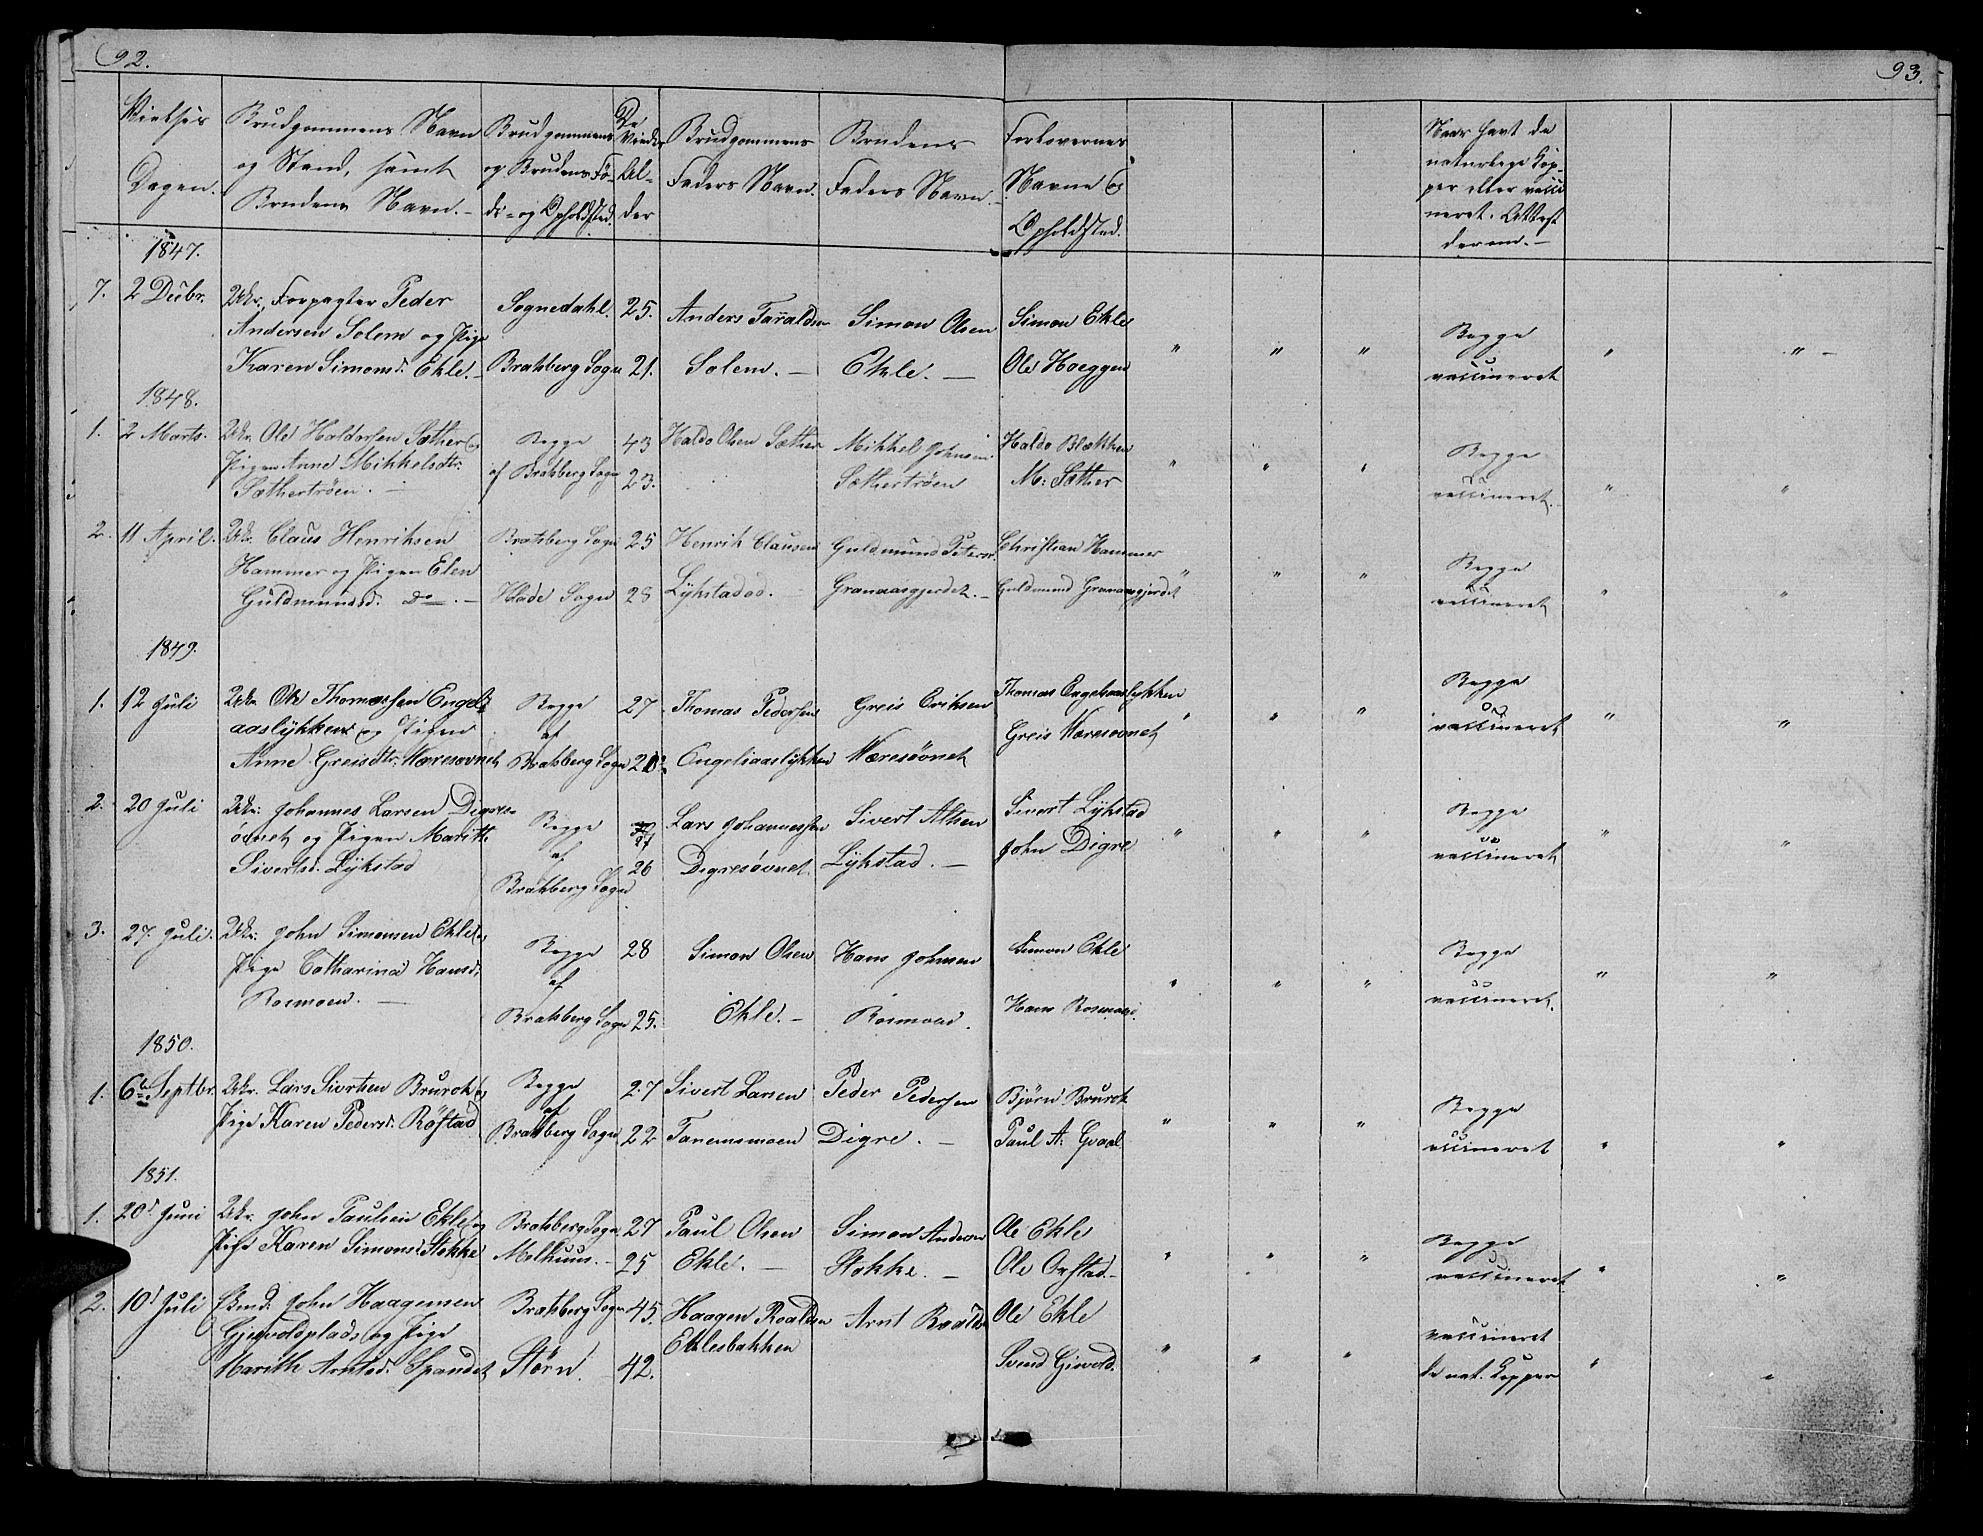 SAT, Ministerialprotokoller, klokkerbøker og fødselsregistre - Sør-Trøndelag, 608/L0339: Klokkerbok nr. 608C05, 1844-1863, s. 92-93